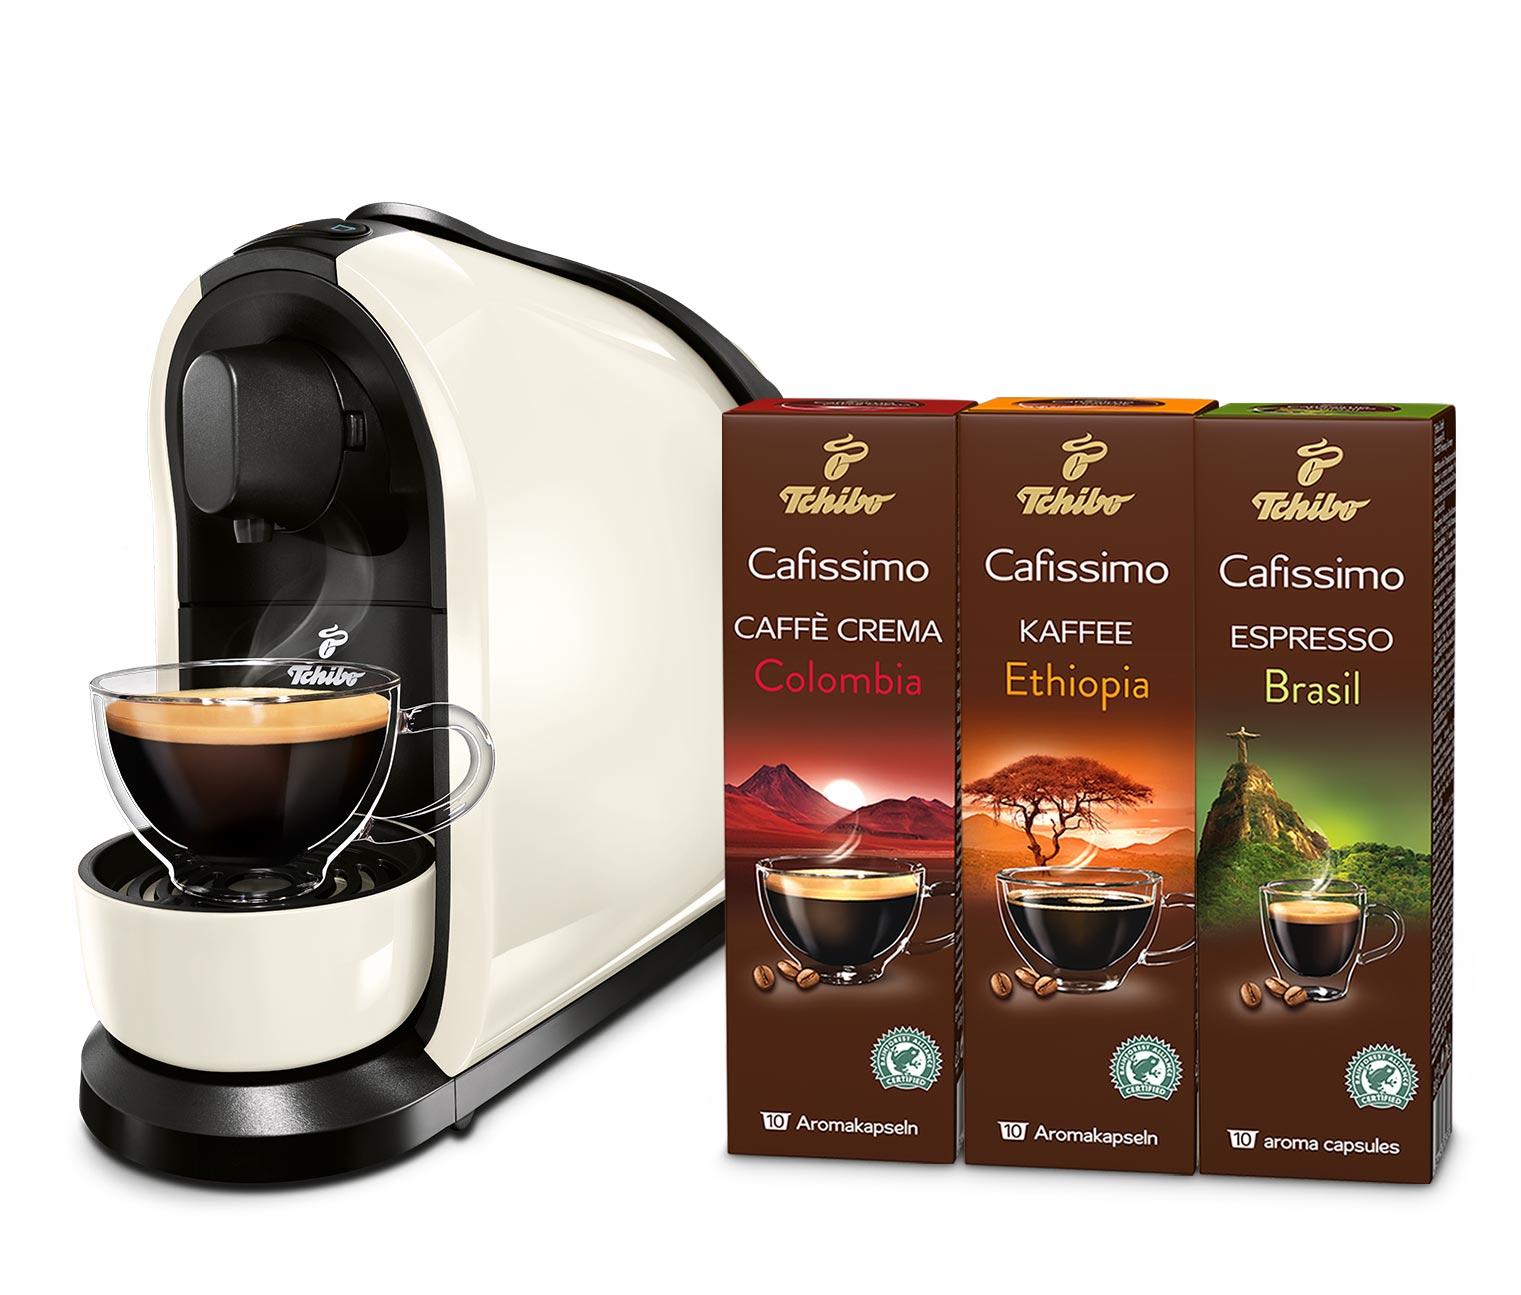 Tchibo Cafissimo Pure Kaffeemaschine in Weiß, Schwarz und Rot + 30 Kaffee-Kapseln